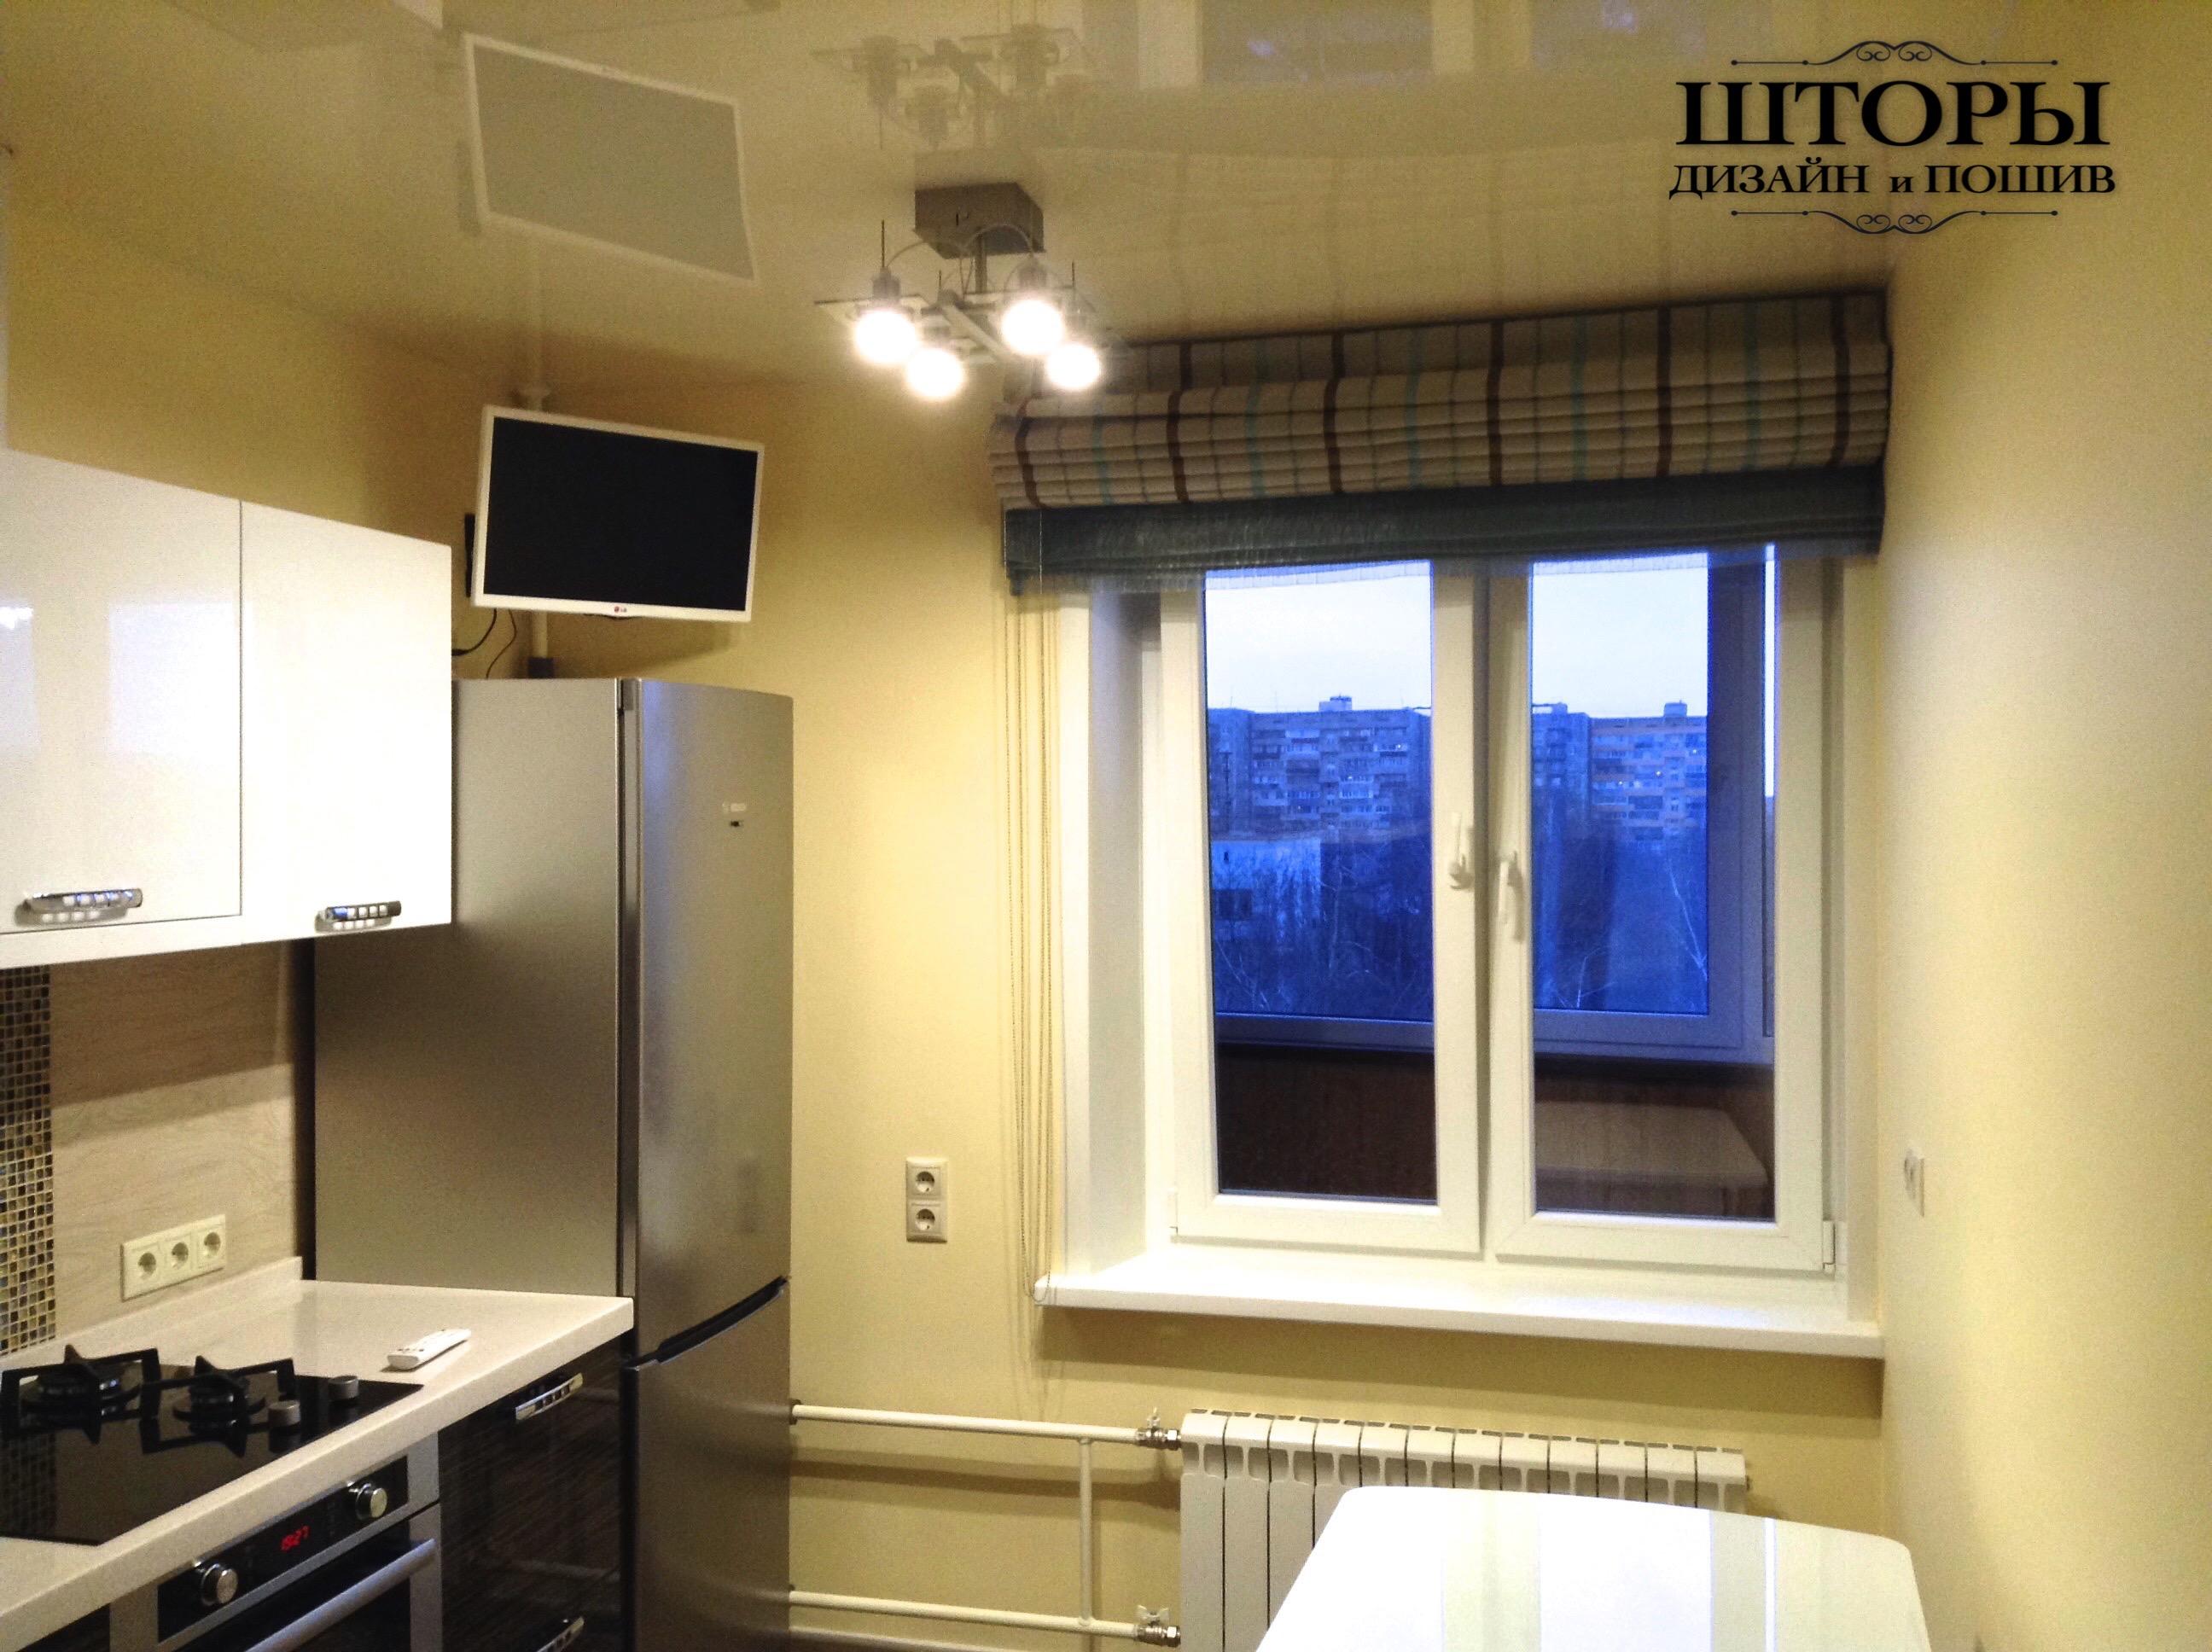 Двойная римская штора для кухни